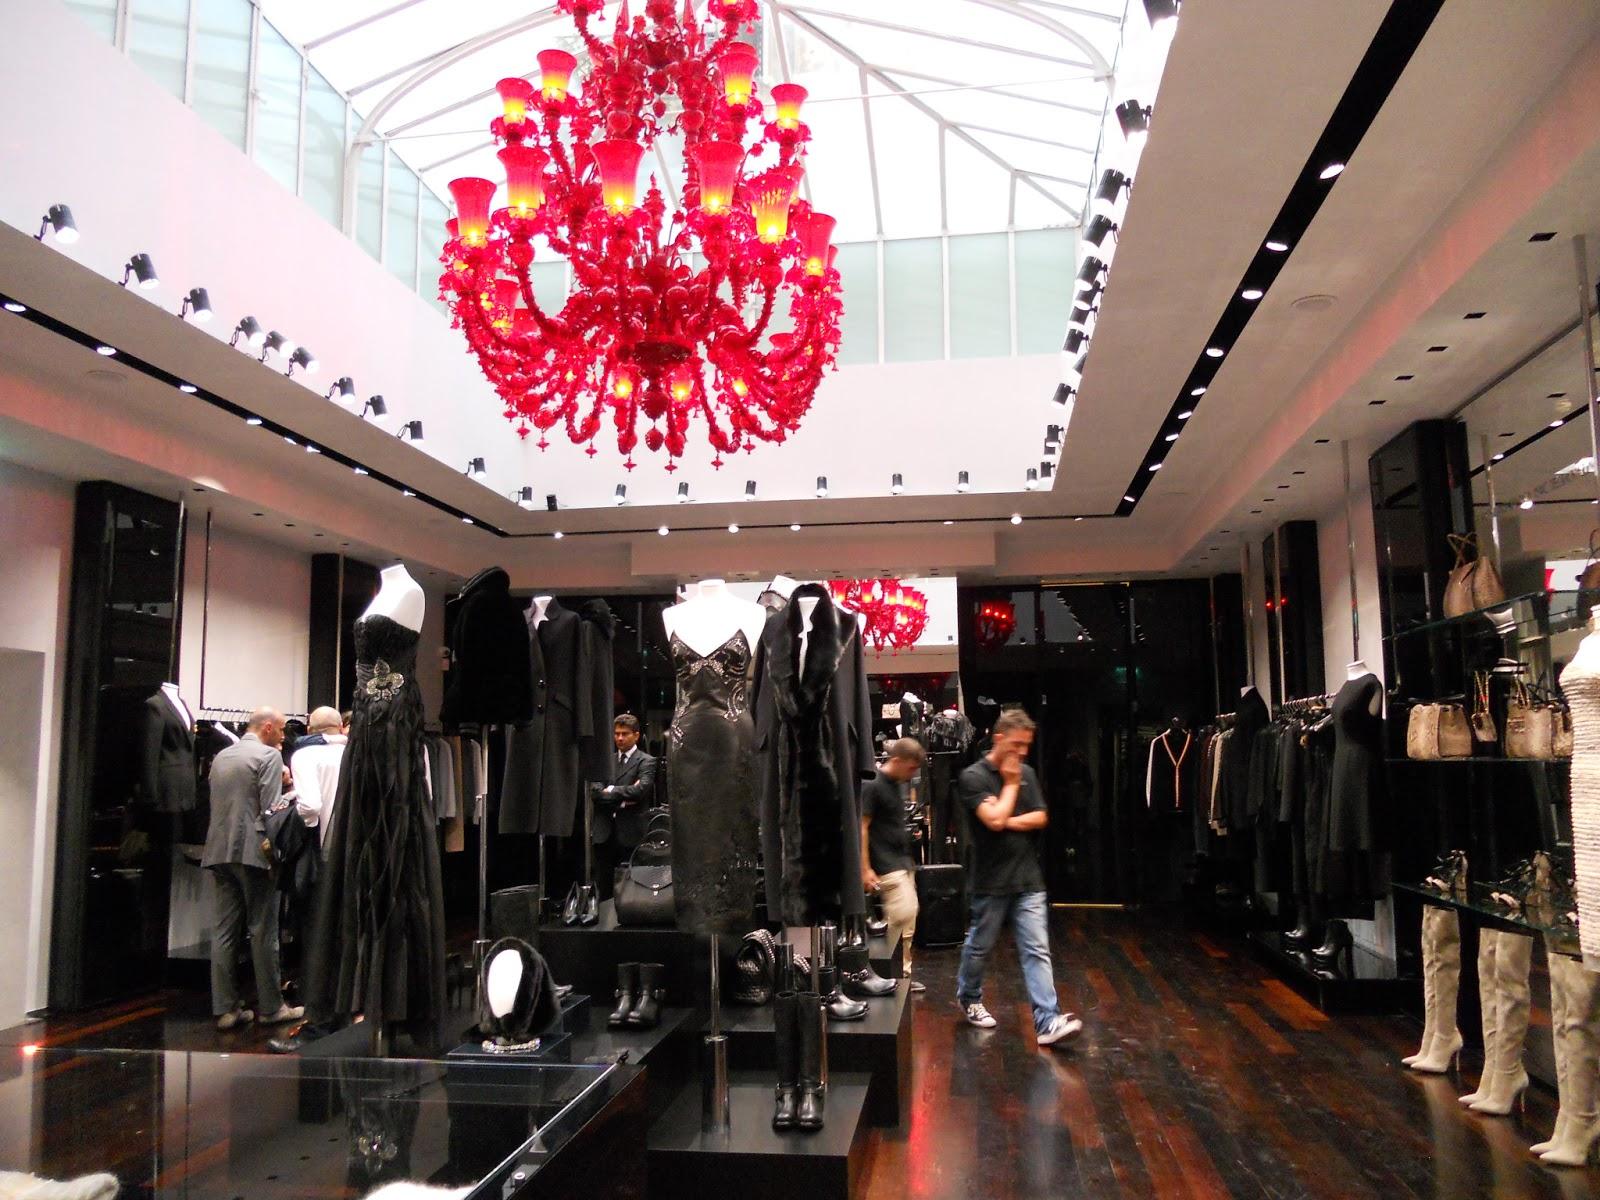 occasione unica linaugurazione della maison scervino il nuovo flagship store nel cuore della capitale in via del babuino scervino inaugura nella settimana